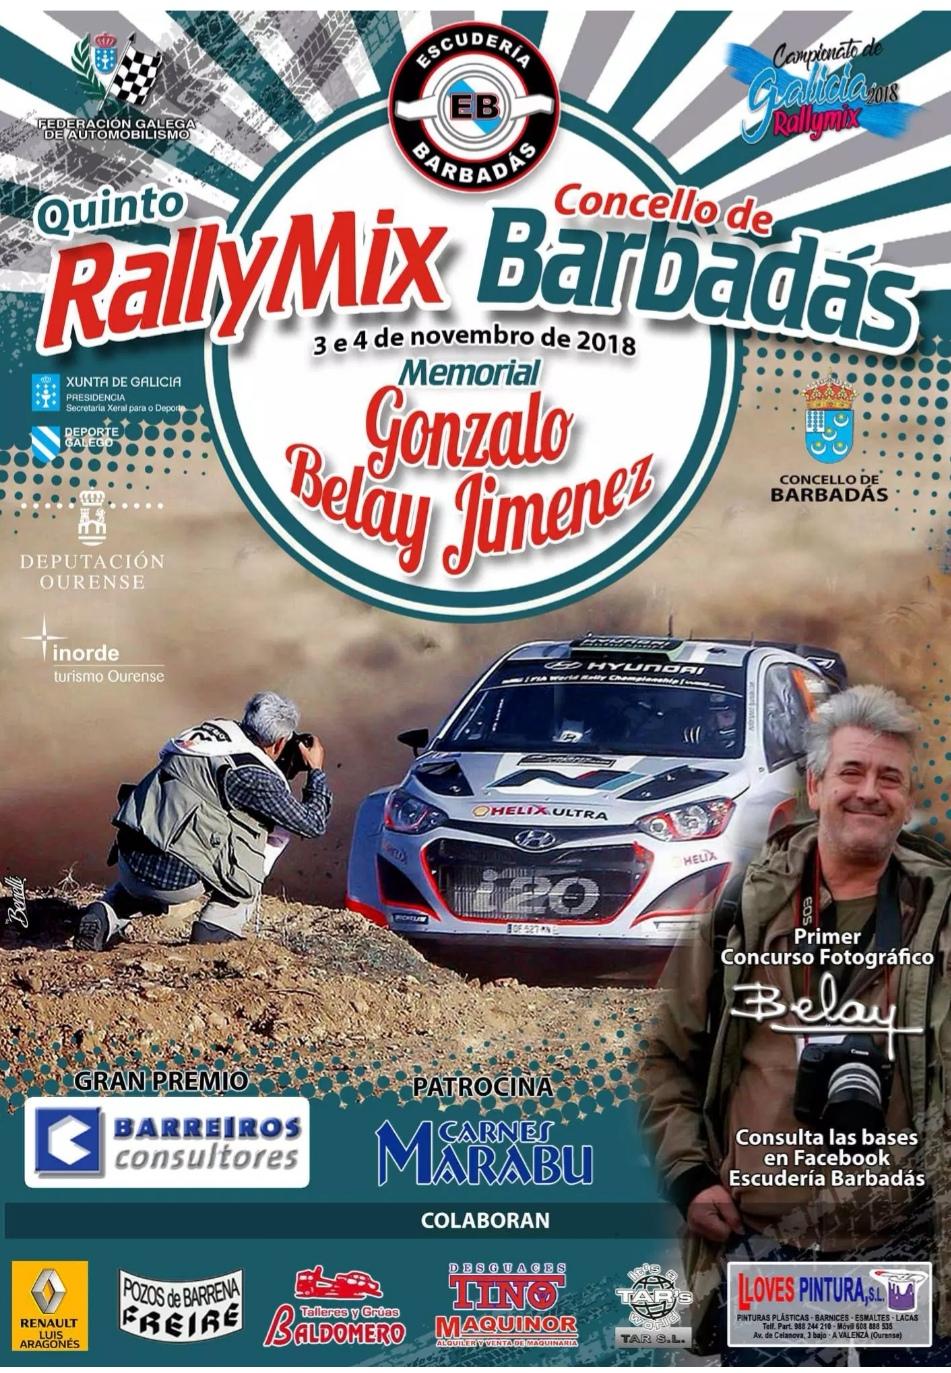 Quinto RallyMix